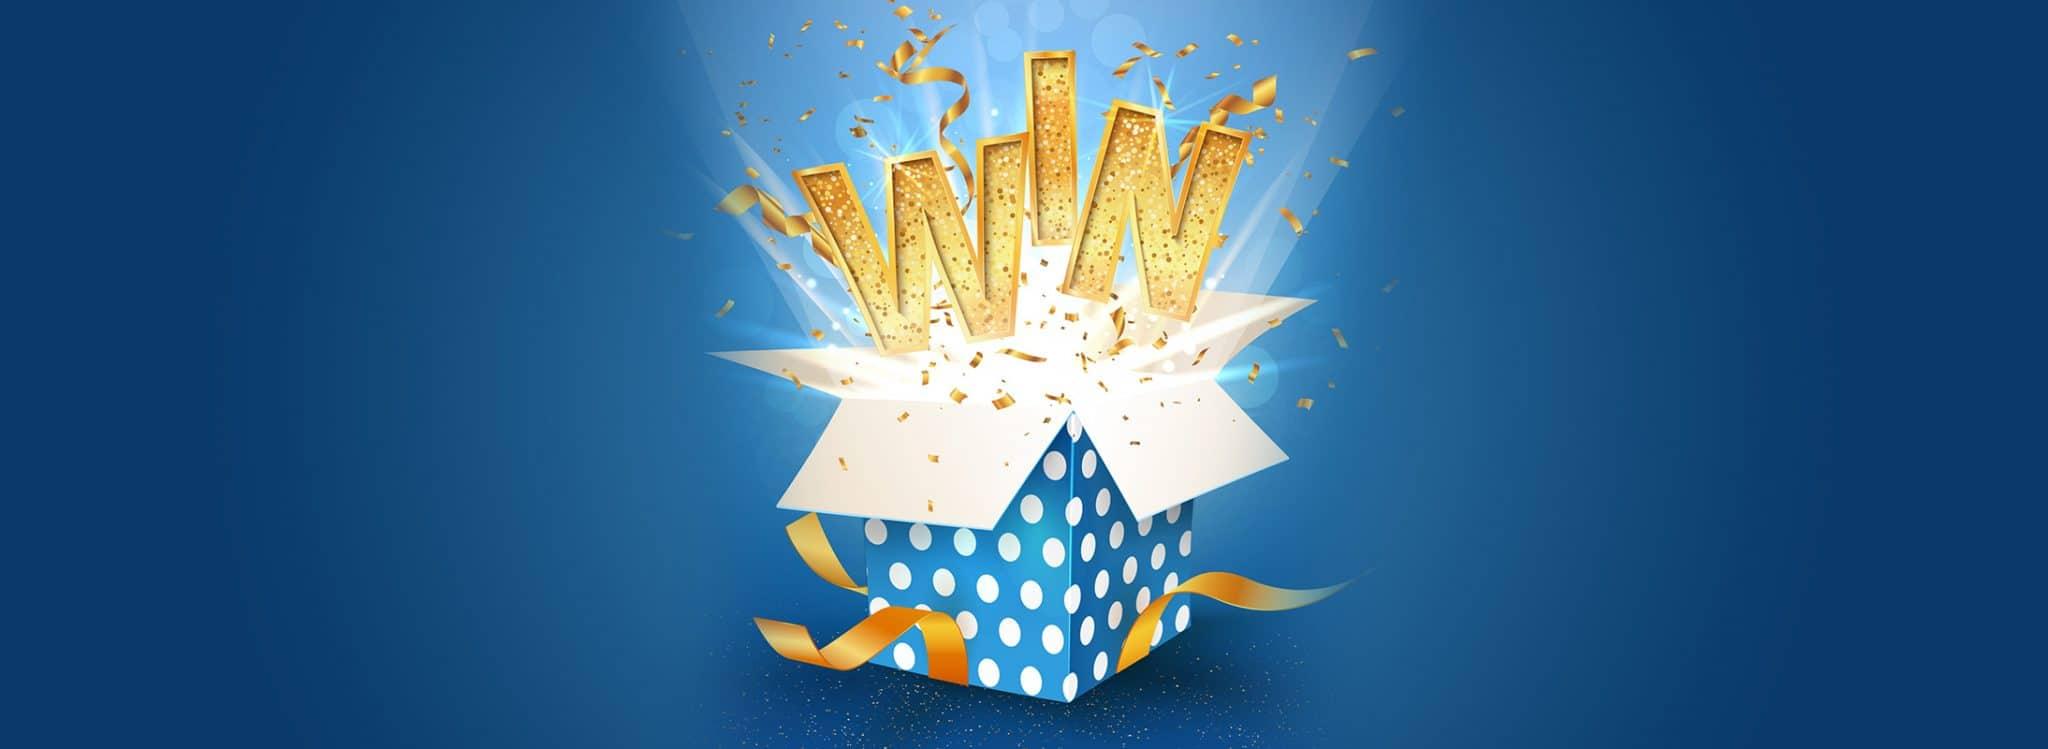 The Biggest Online Casino Wins in November 2019 element02 - CasinoTop